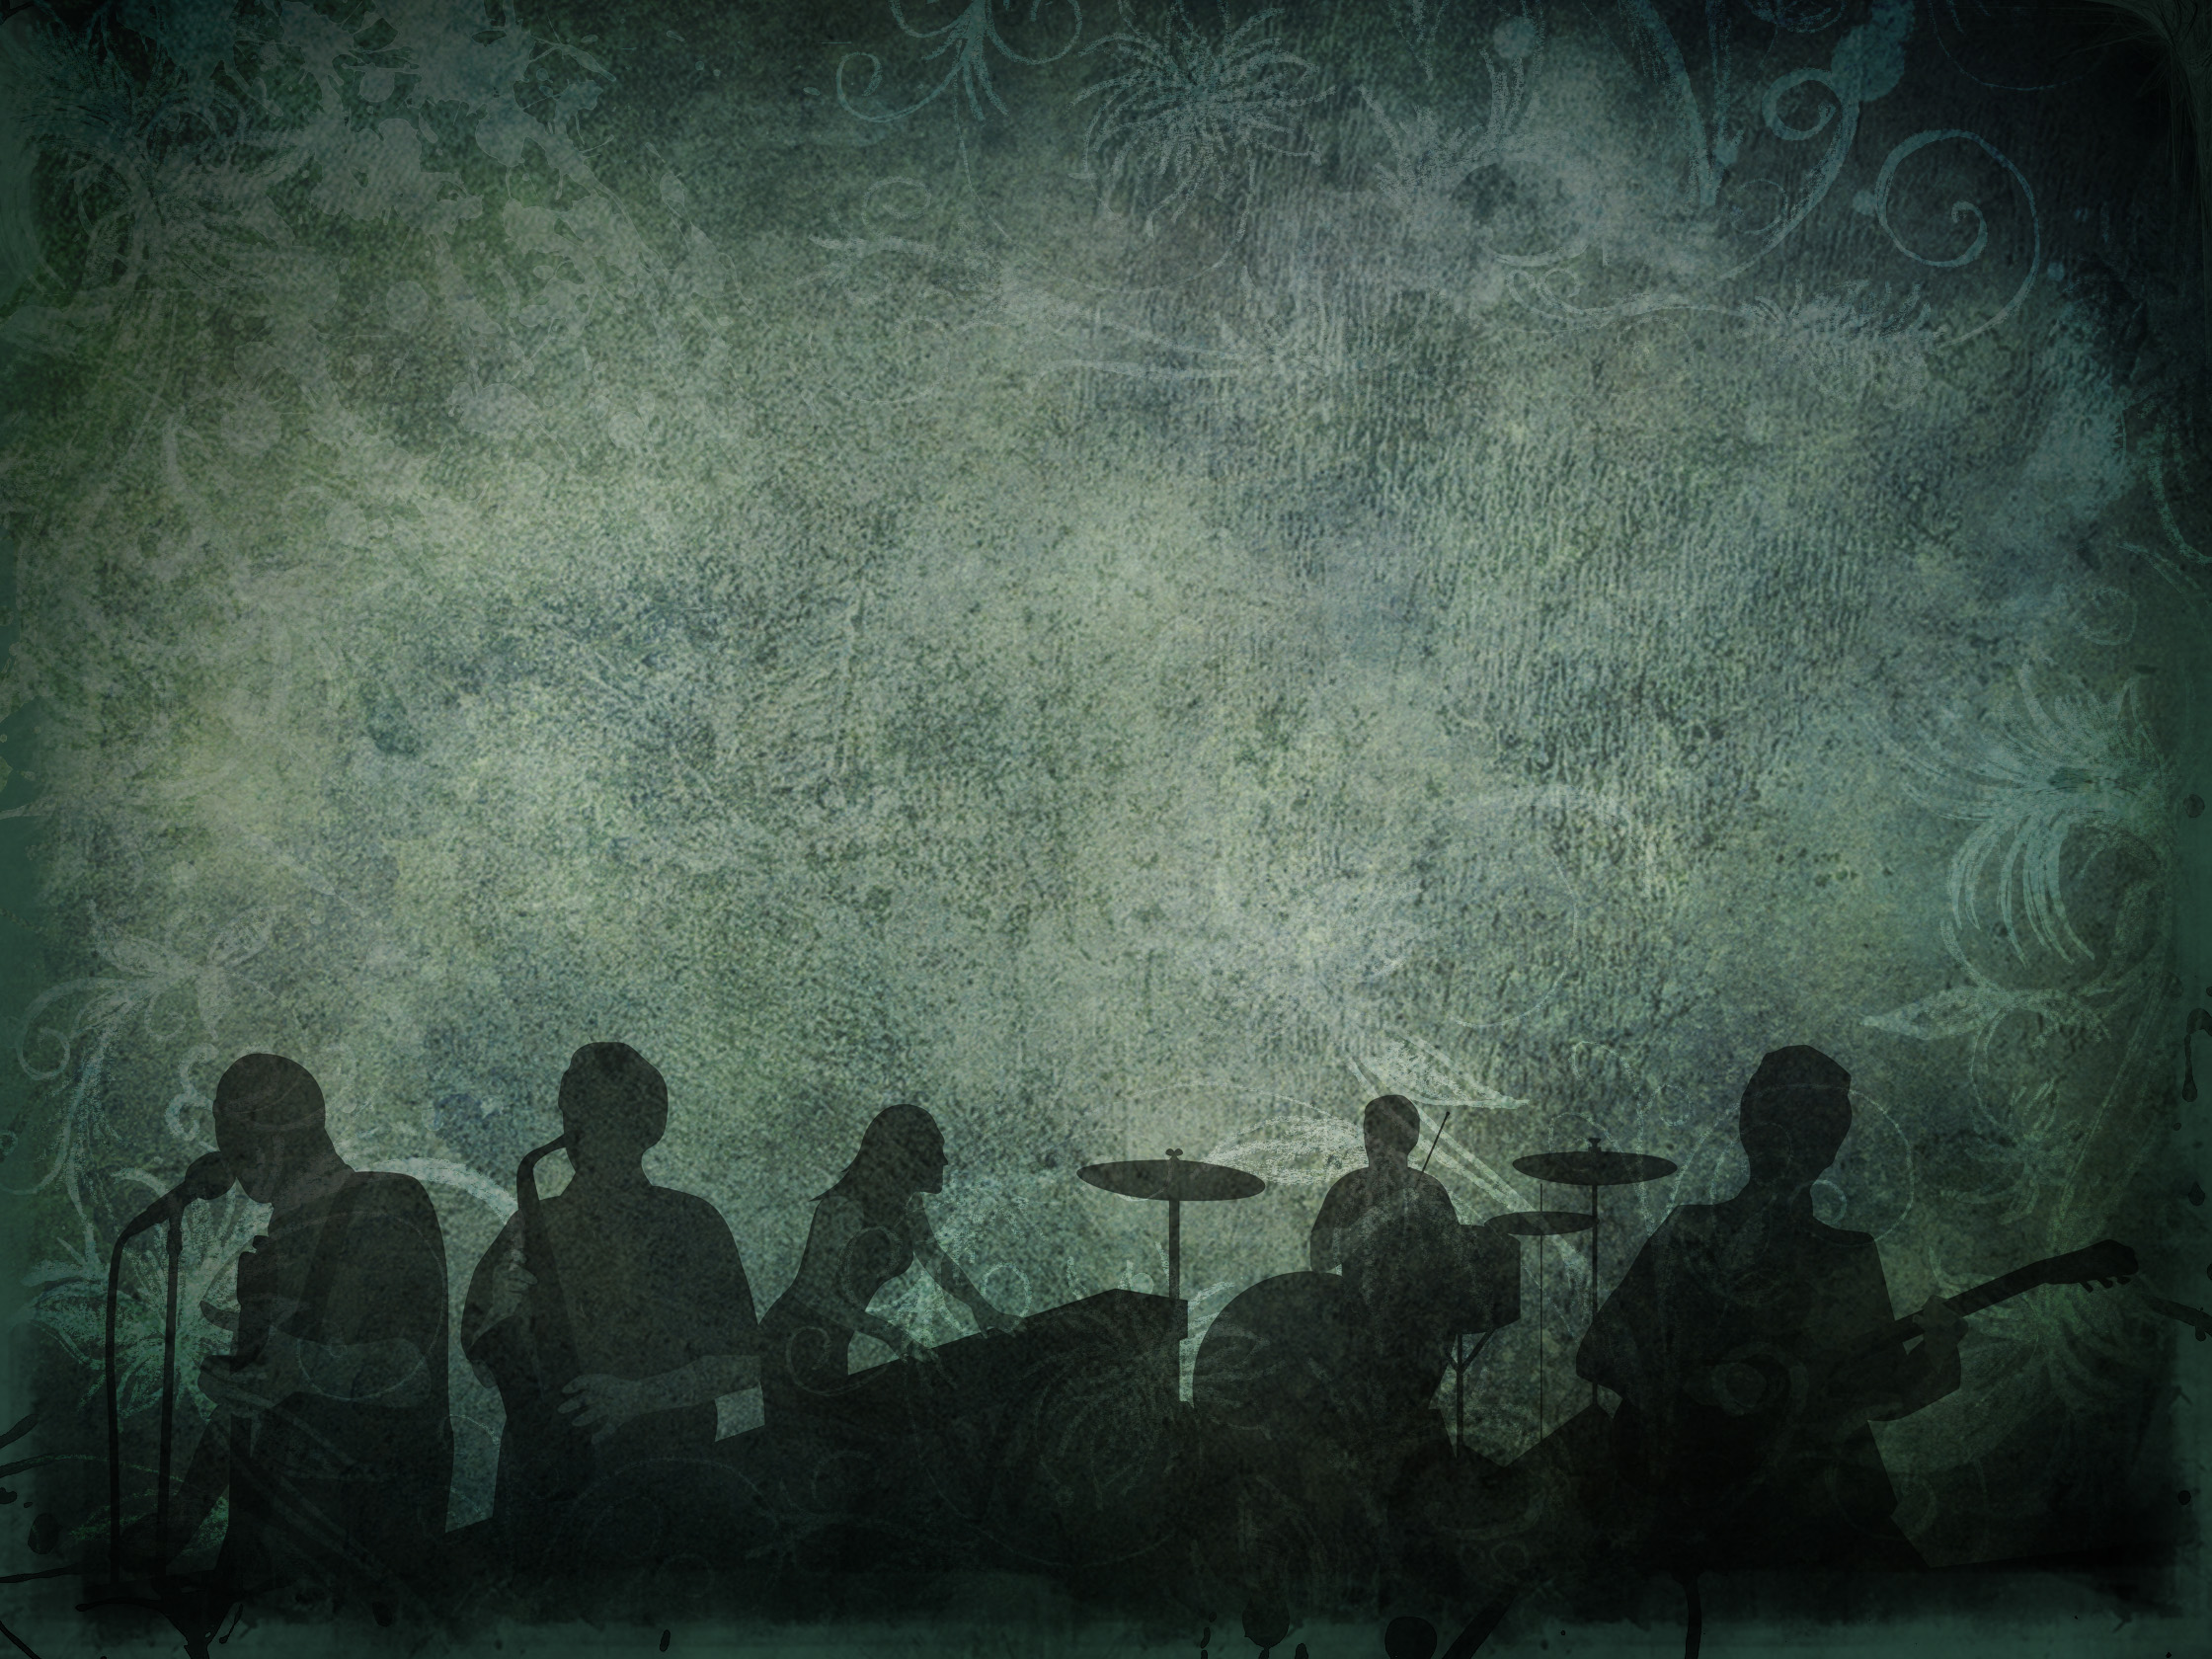 [46+] Praise and Worship Wallpaper on WallpaperSafari